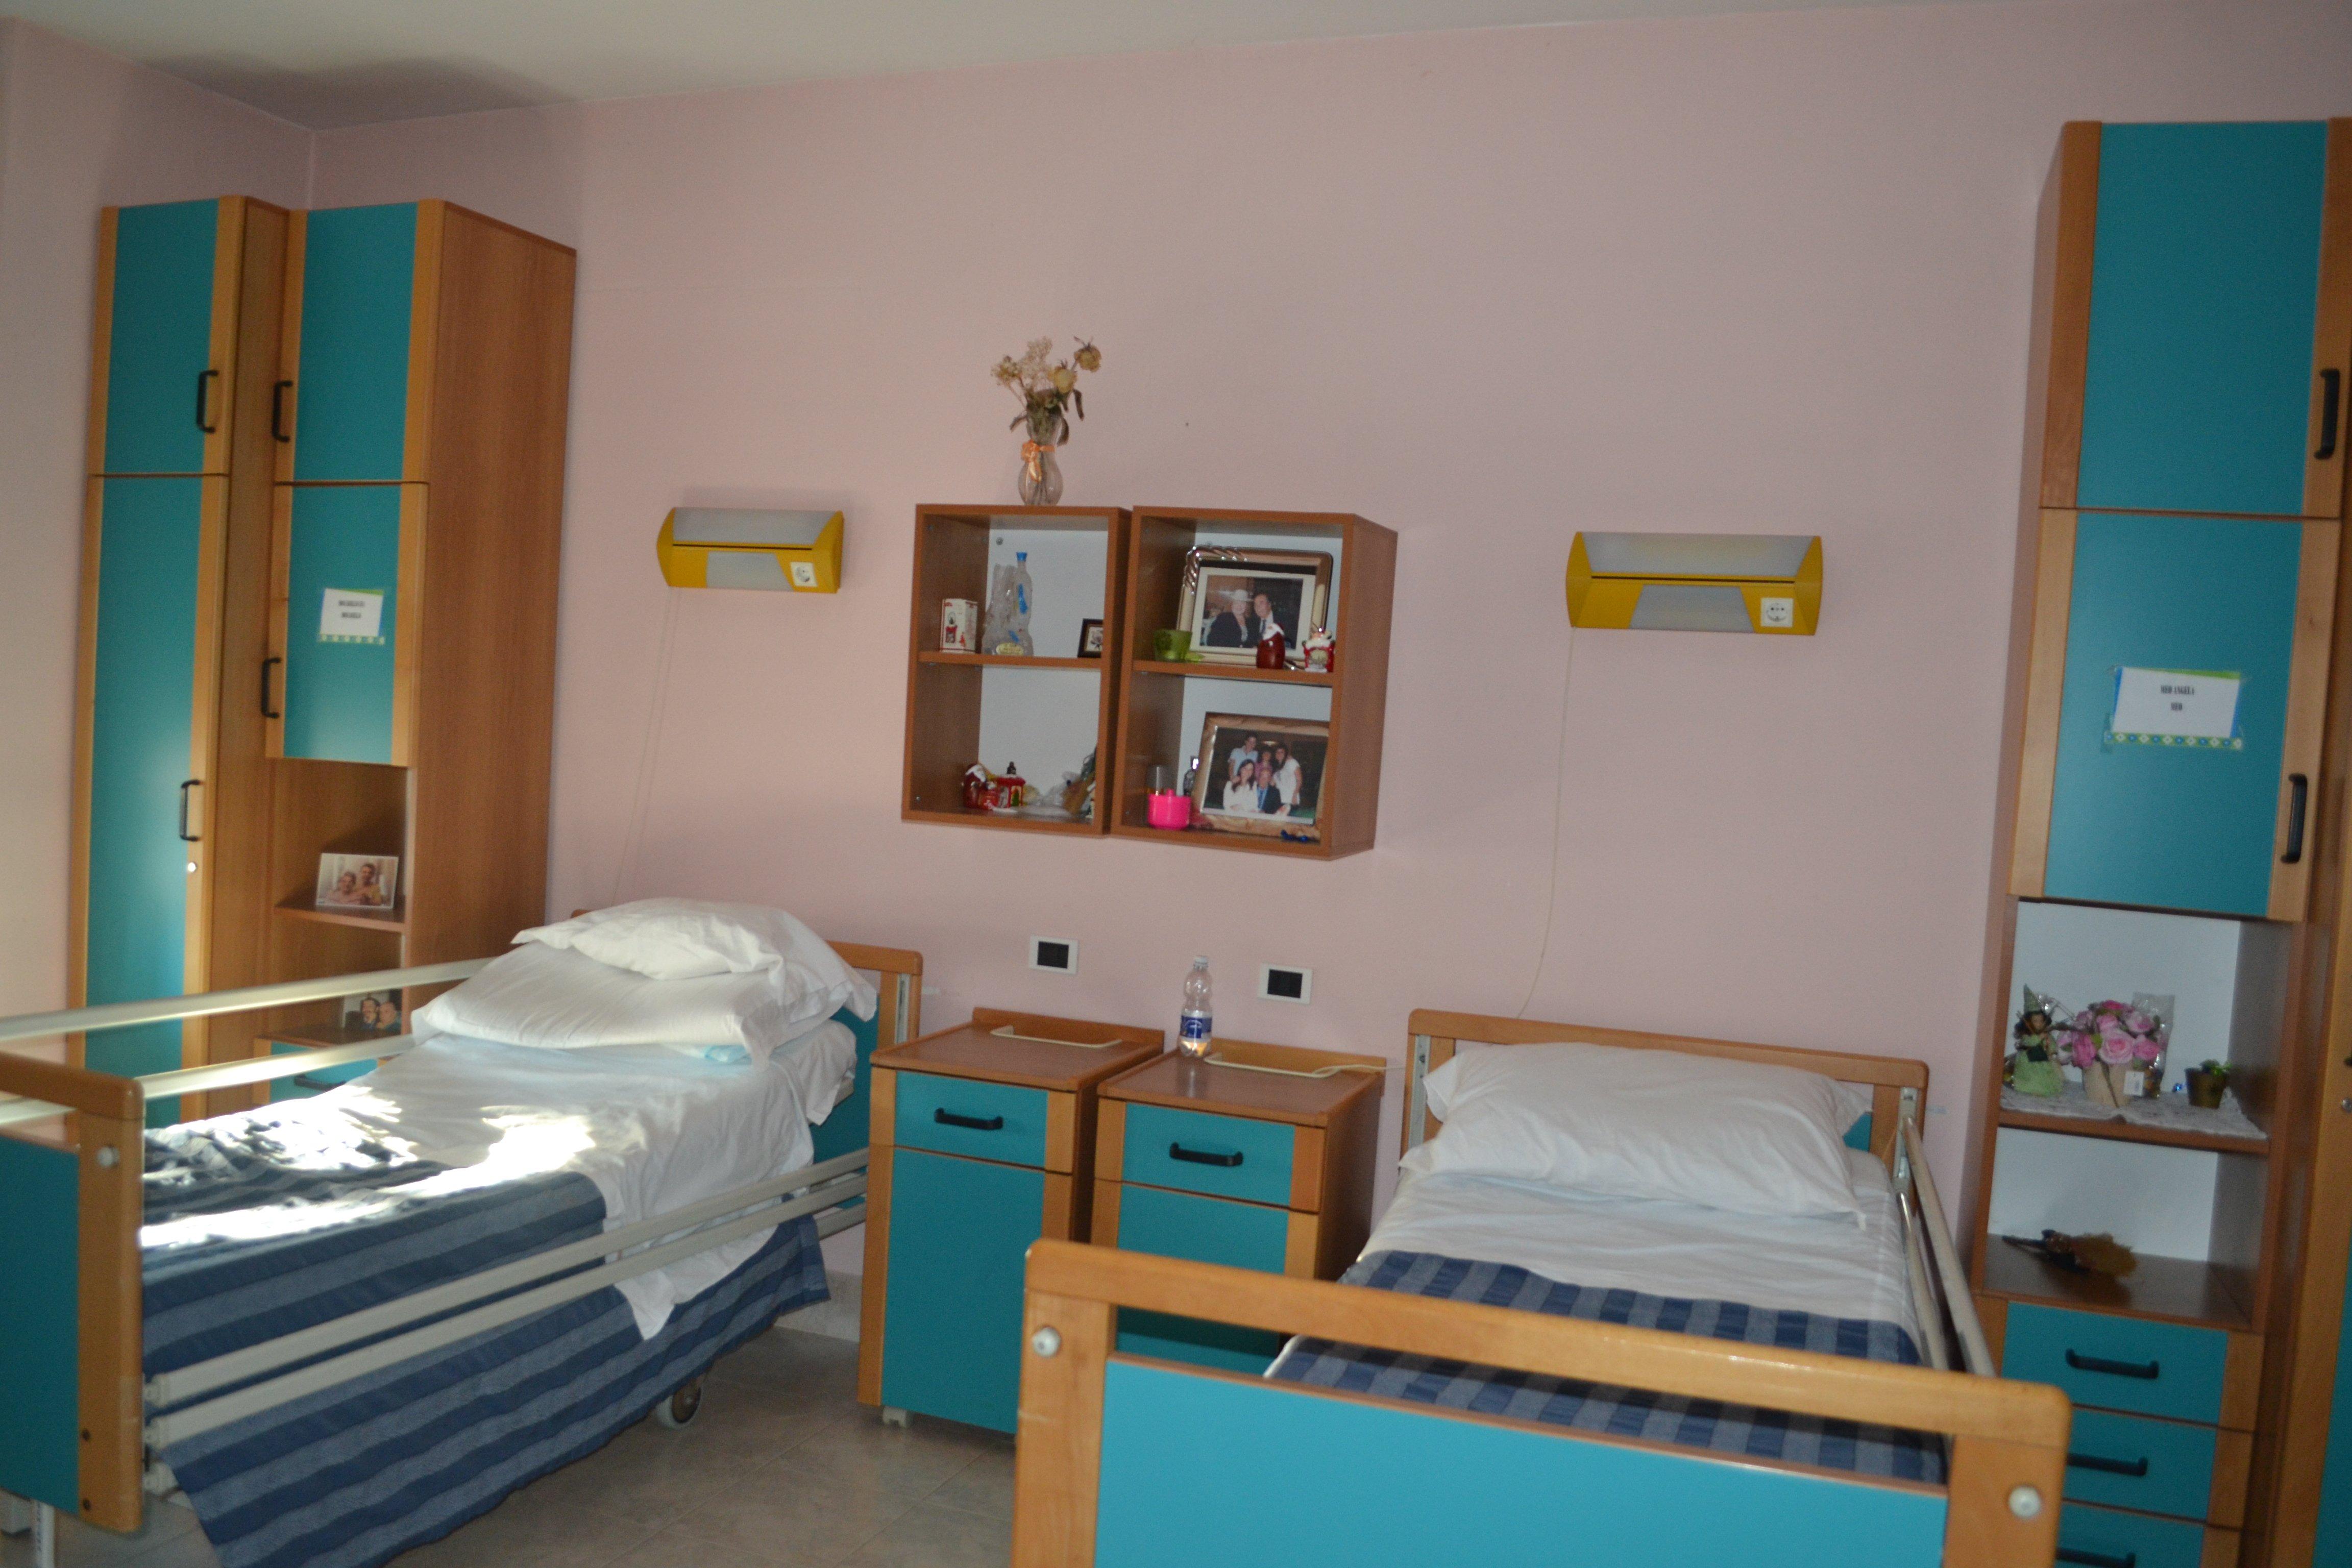 camera con letto azzurro